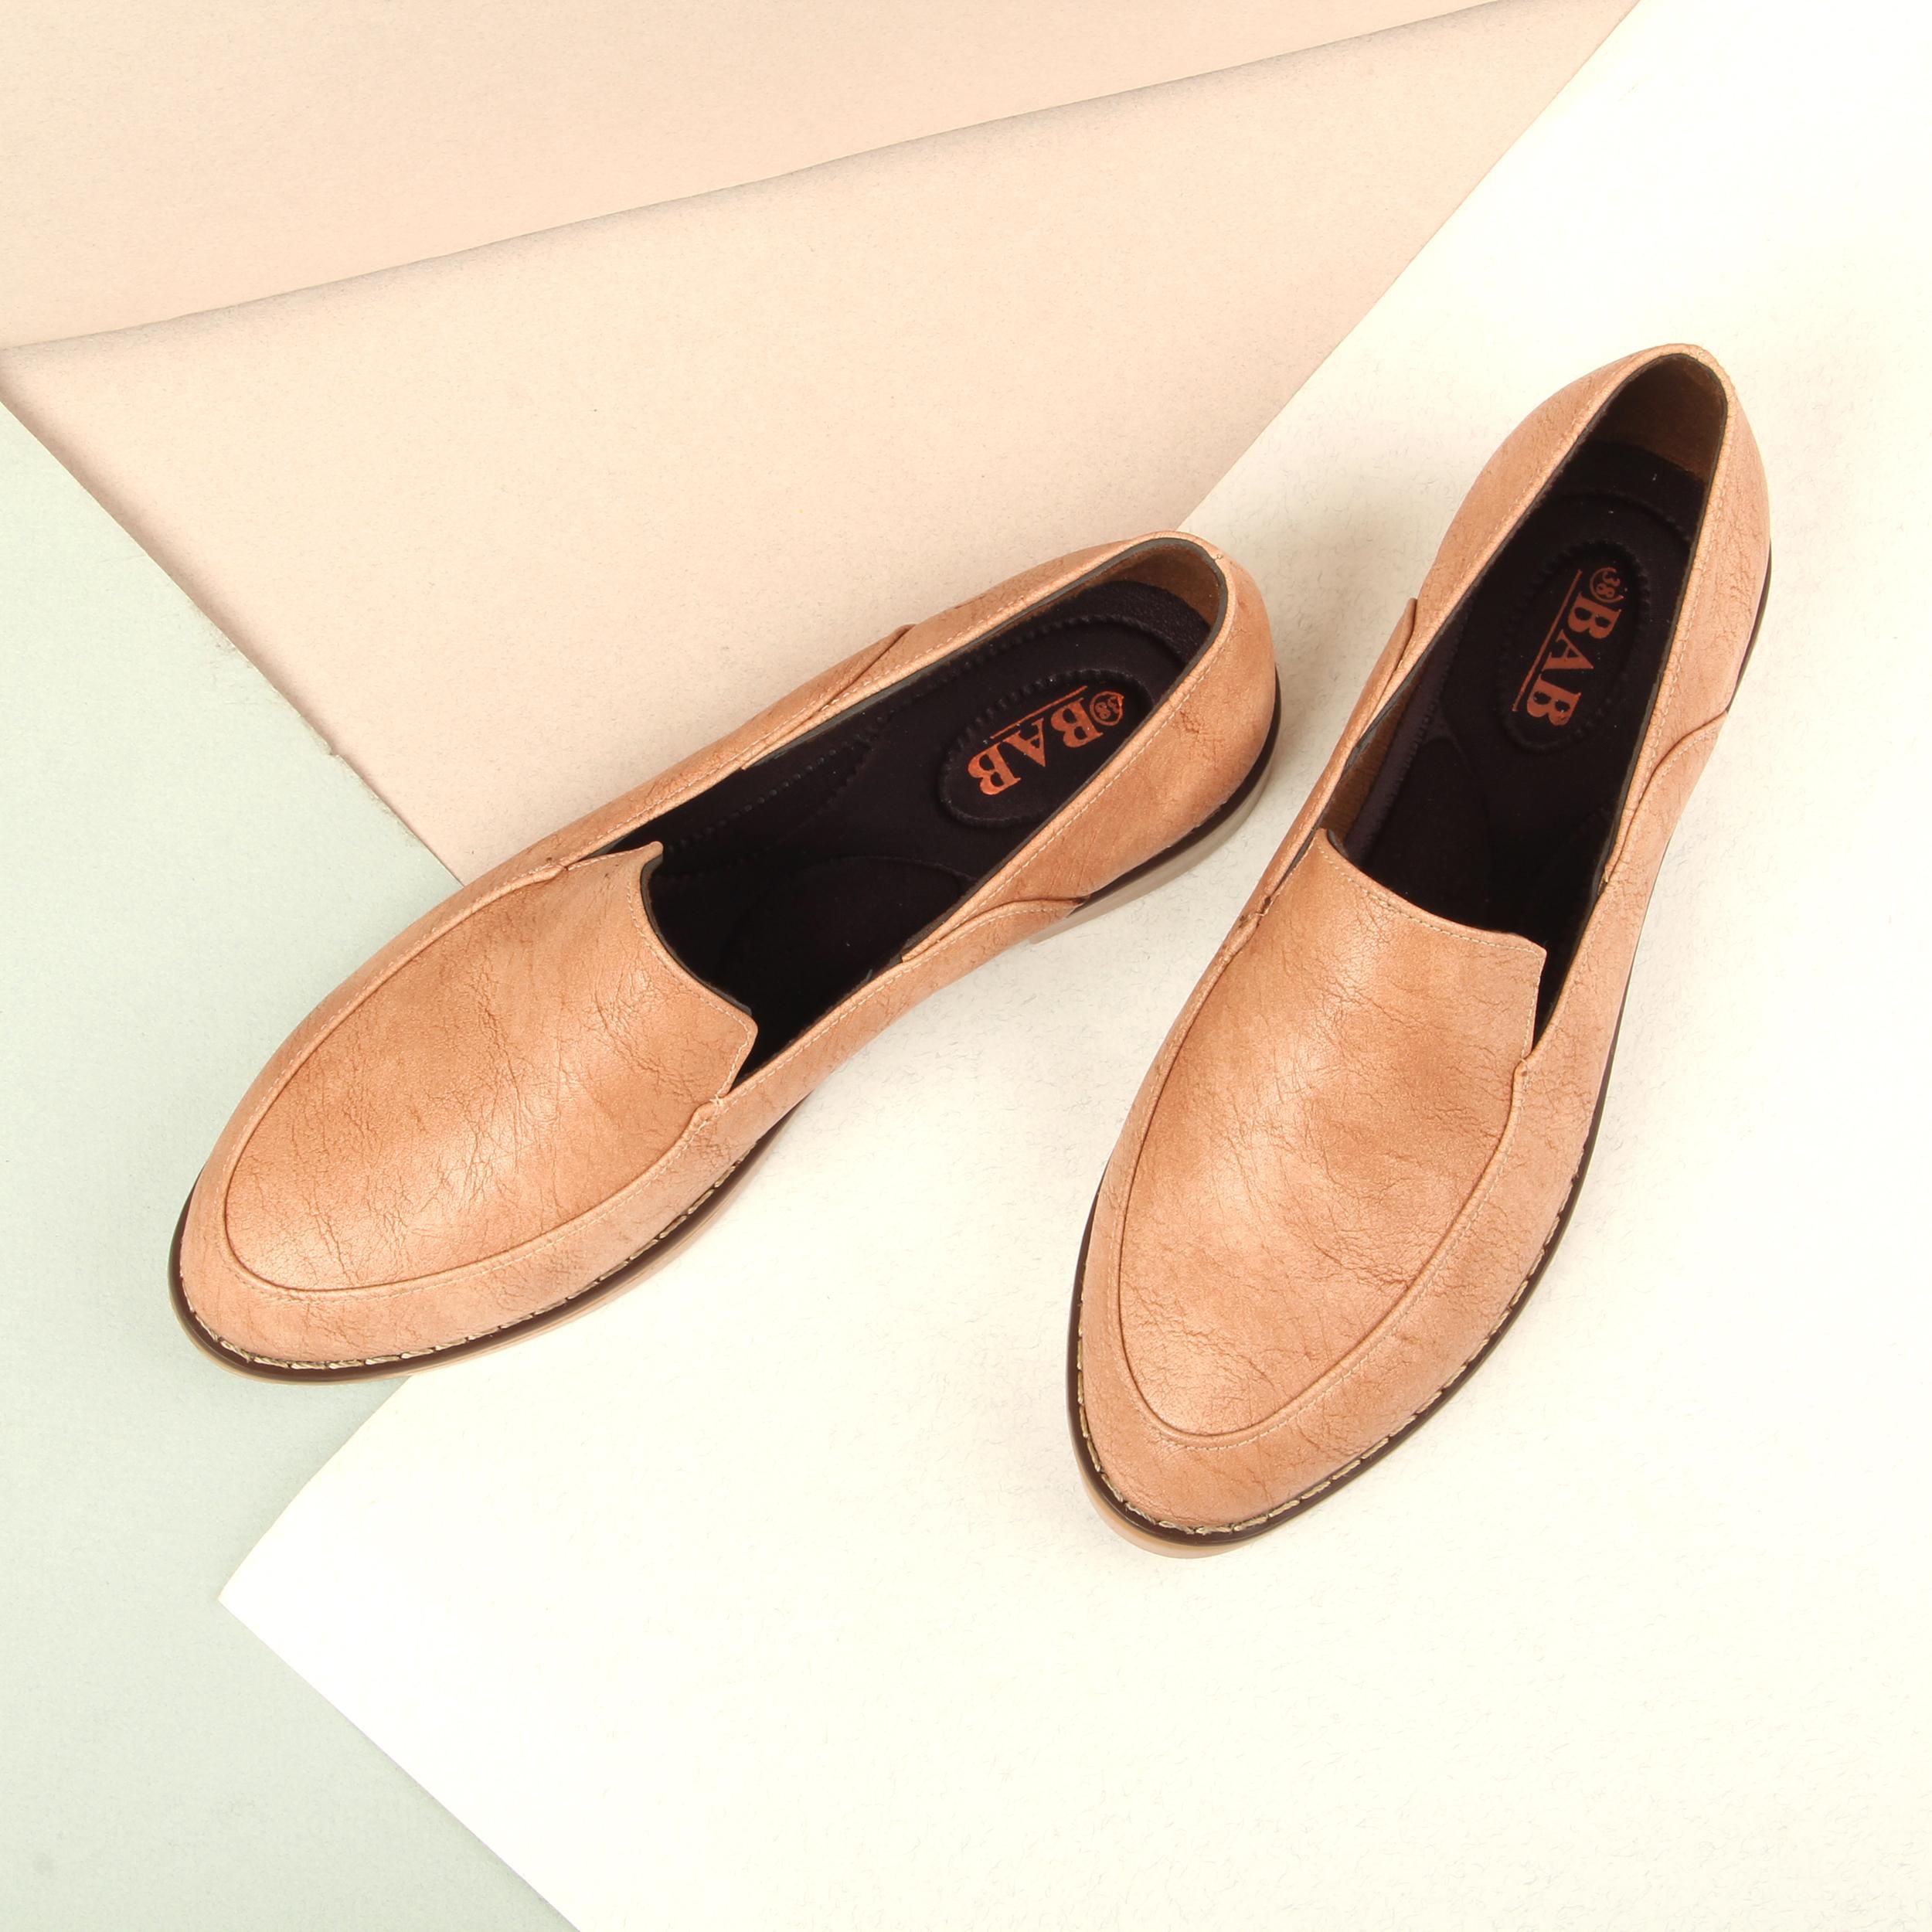 ست کیف و کفش زنانه کد 910-1 main 1 3